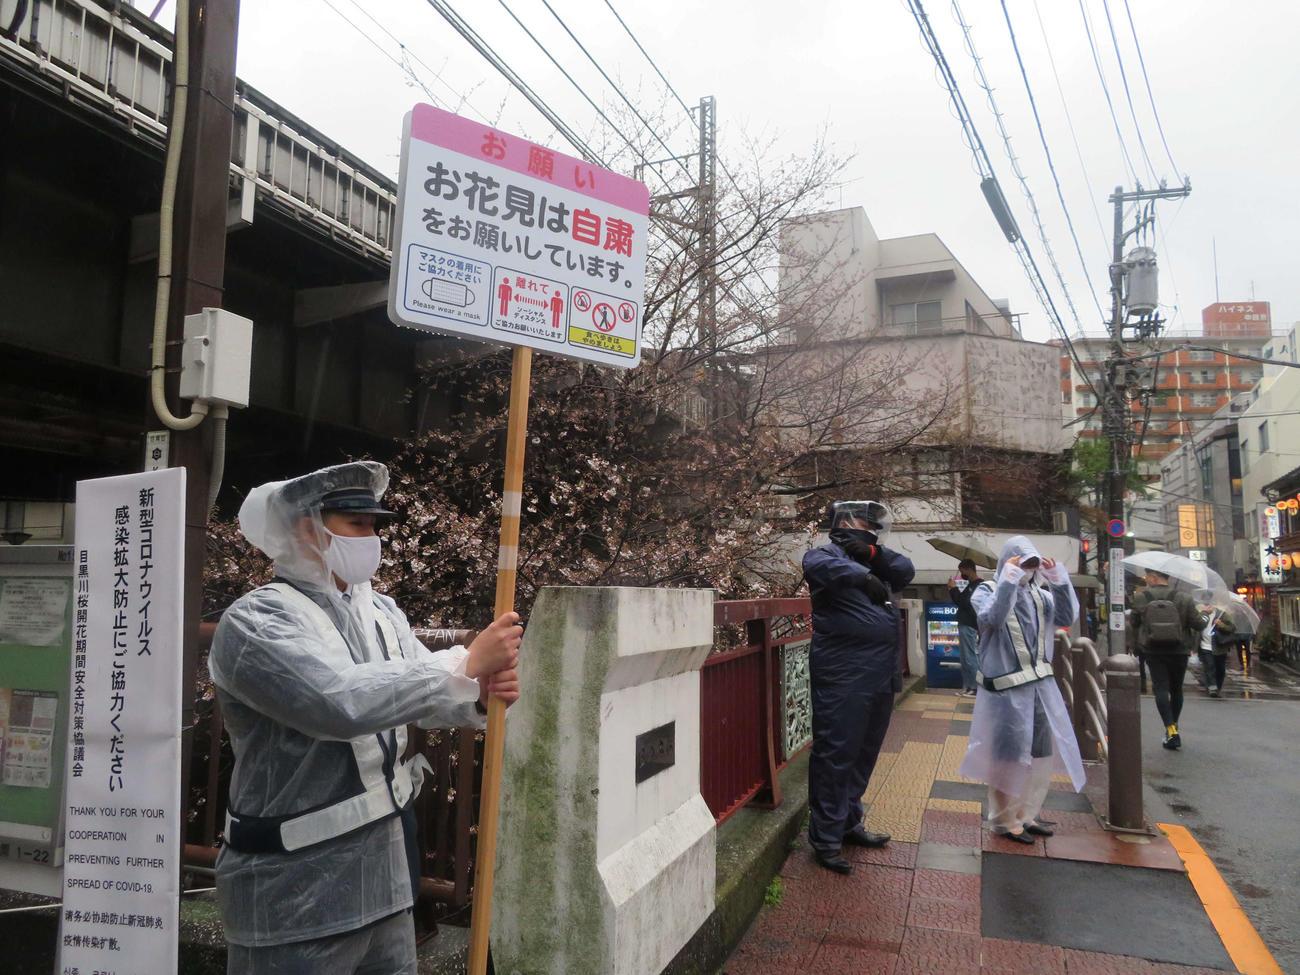 目黒川での花見の自粛を呼びかける看板を持った警備員(撮影・沢田直人)